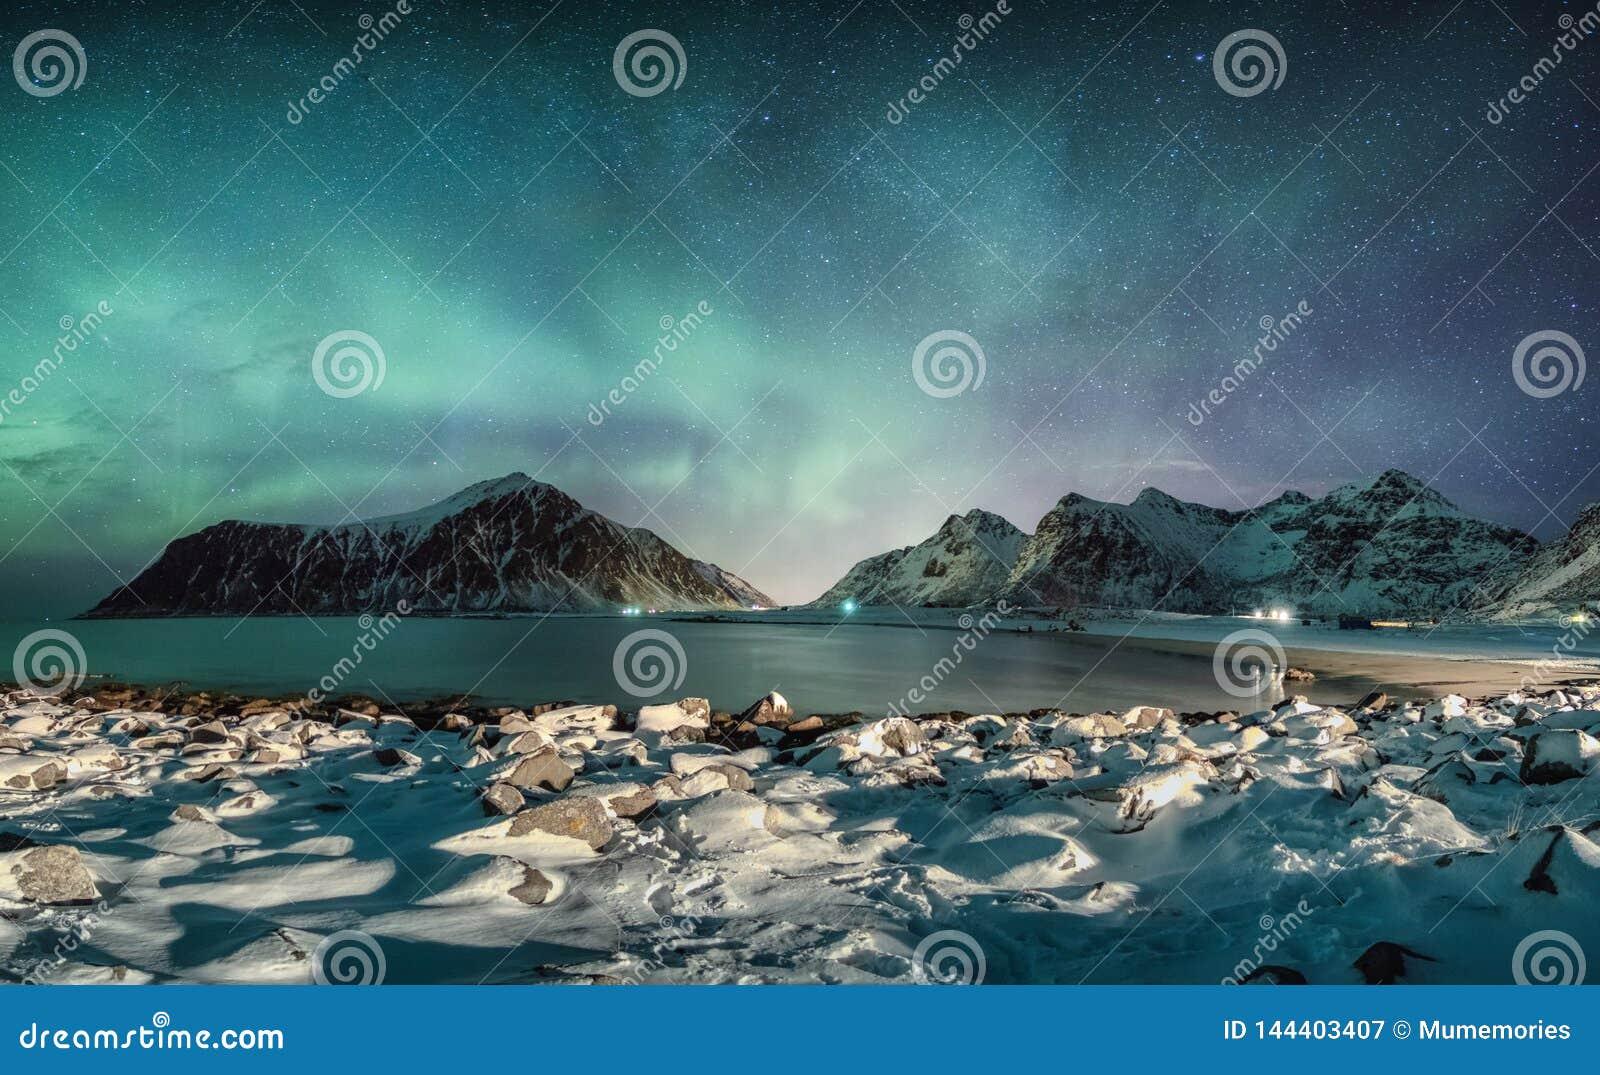 Aurora borealis z gwiazdami nad pasmem górskim z śnieżną linią brzegową przy Skagsanden plażą